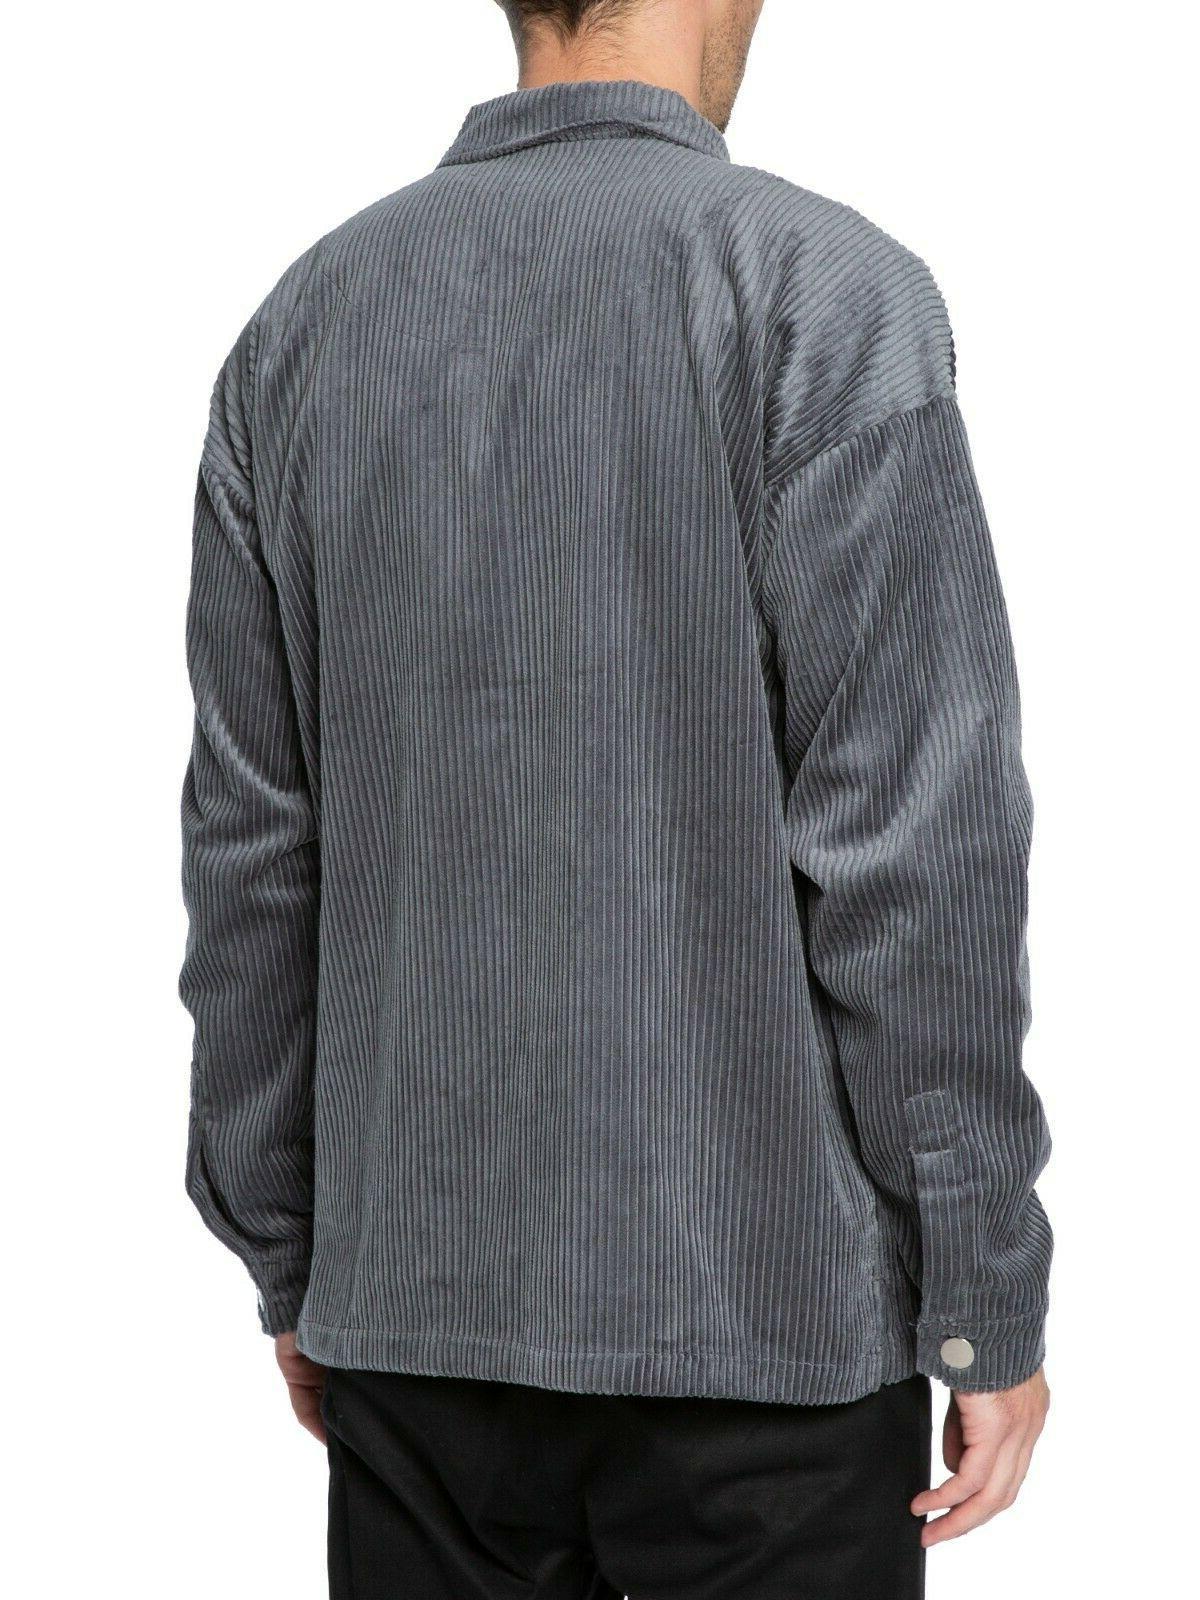 Elwood up Jackets XL, XXL